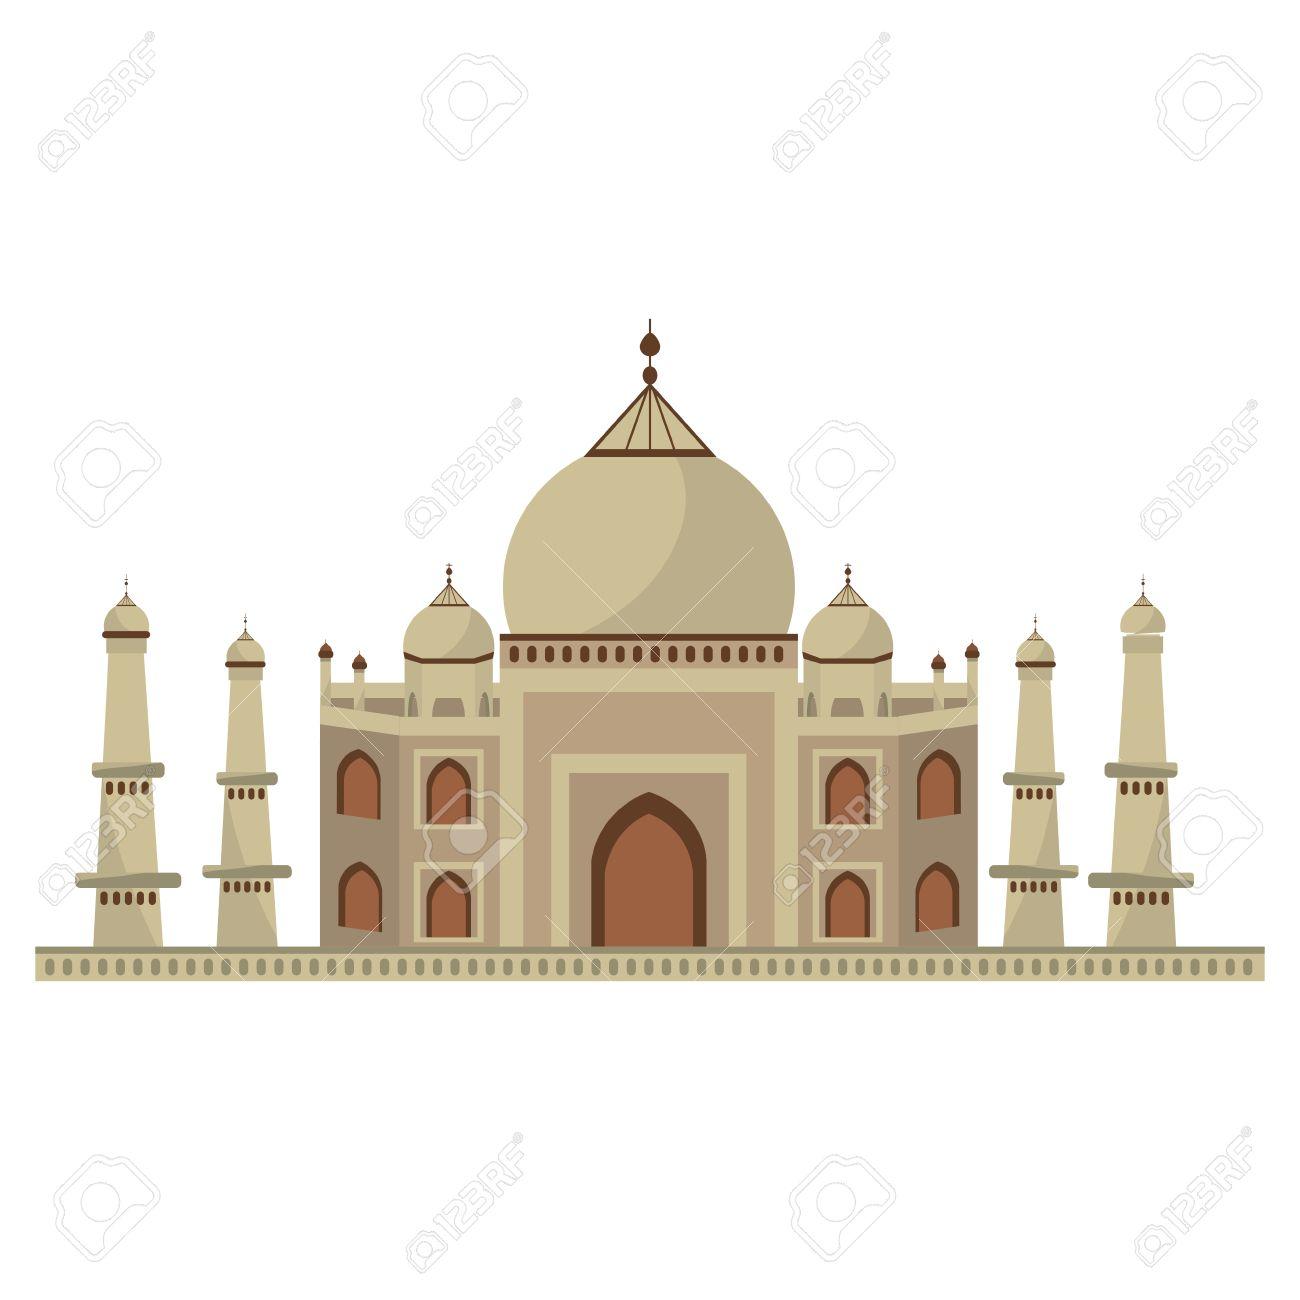 Taj Mahal Architecture Icon Vector Illustration Graphic Design Stock Vector    69562502